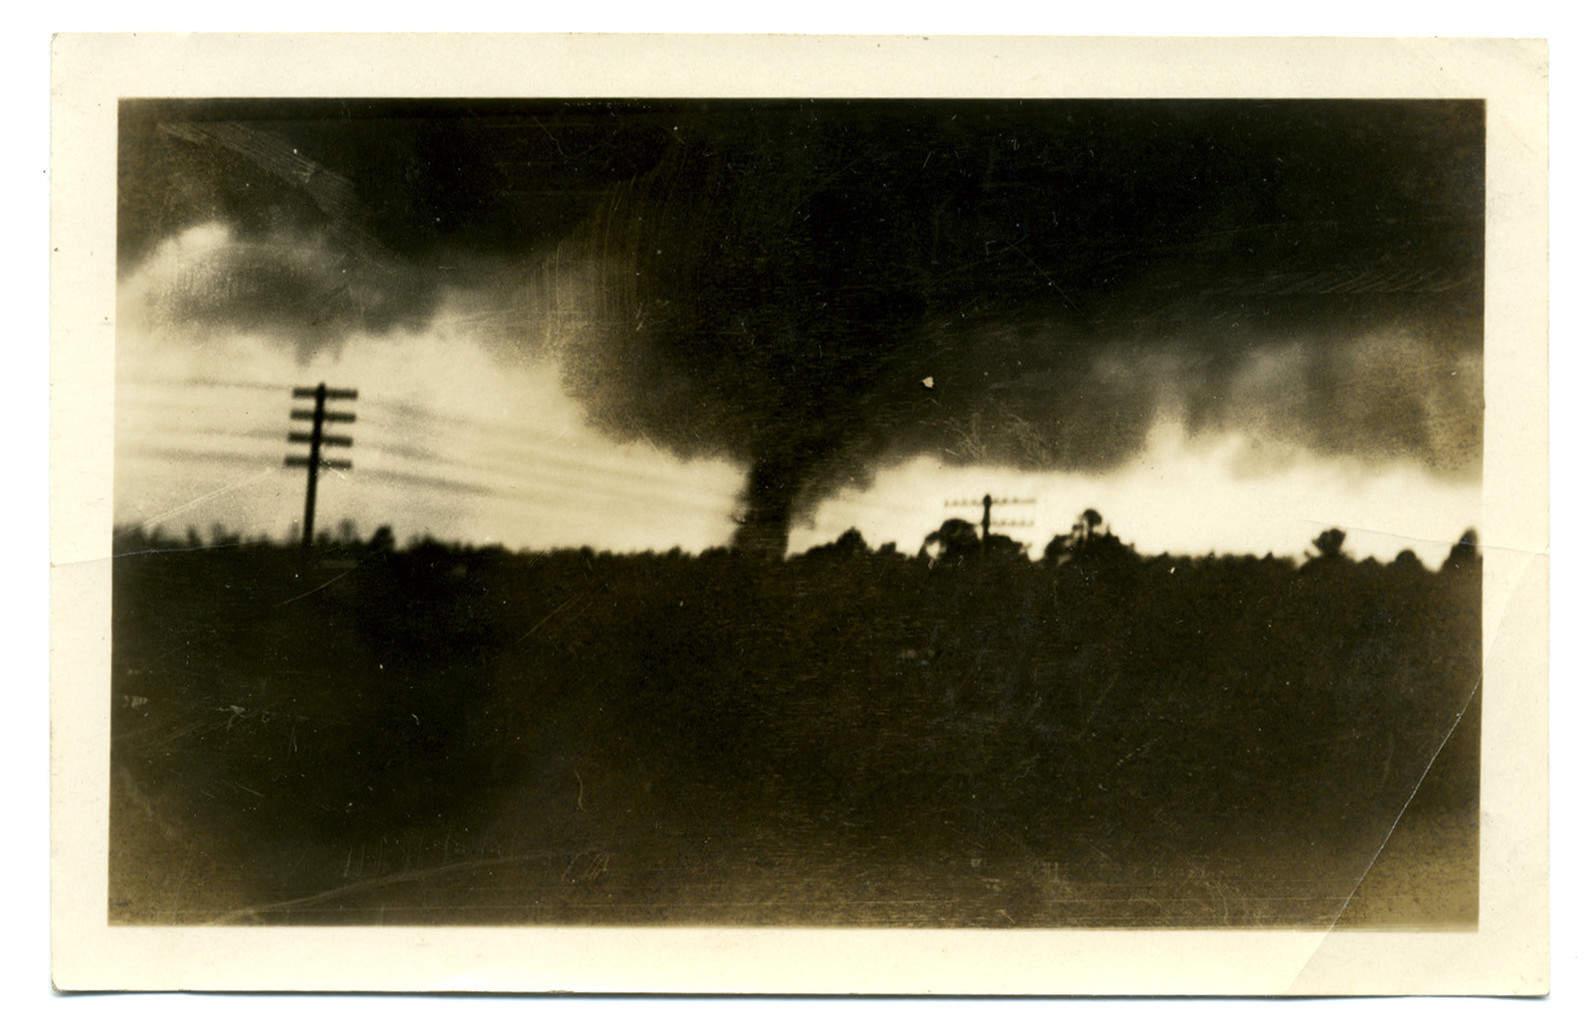 March 21, 1932 near Northport, AL,